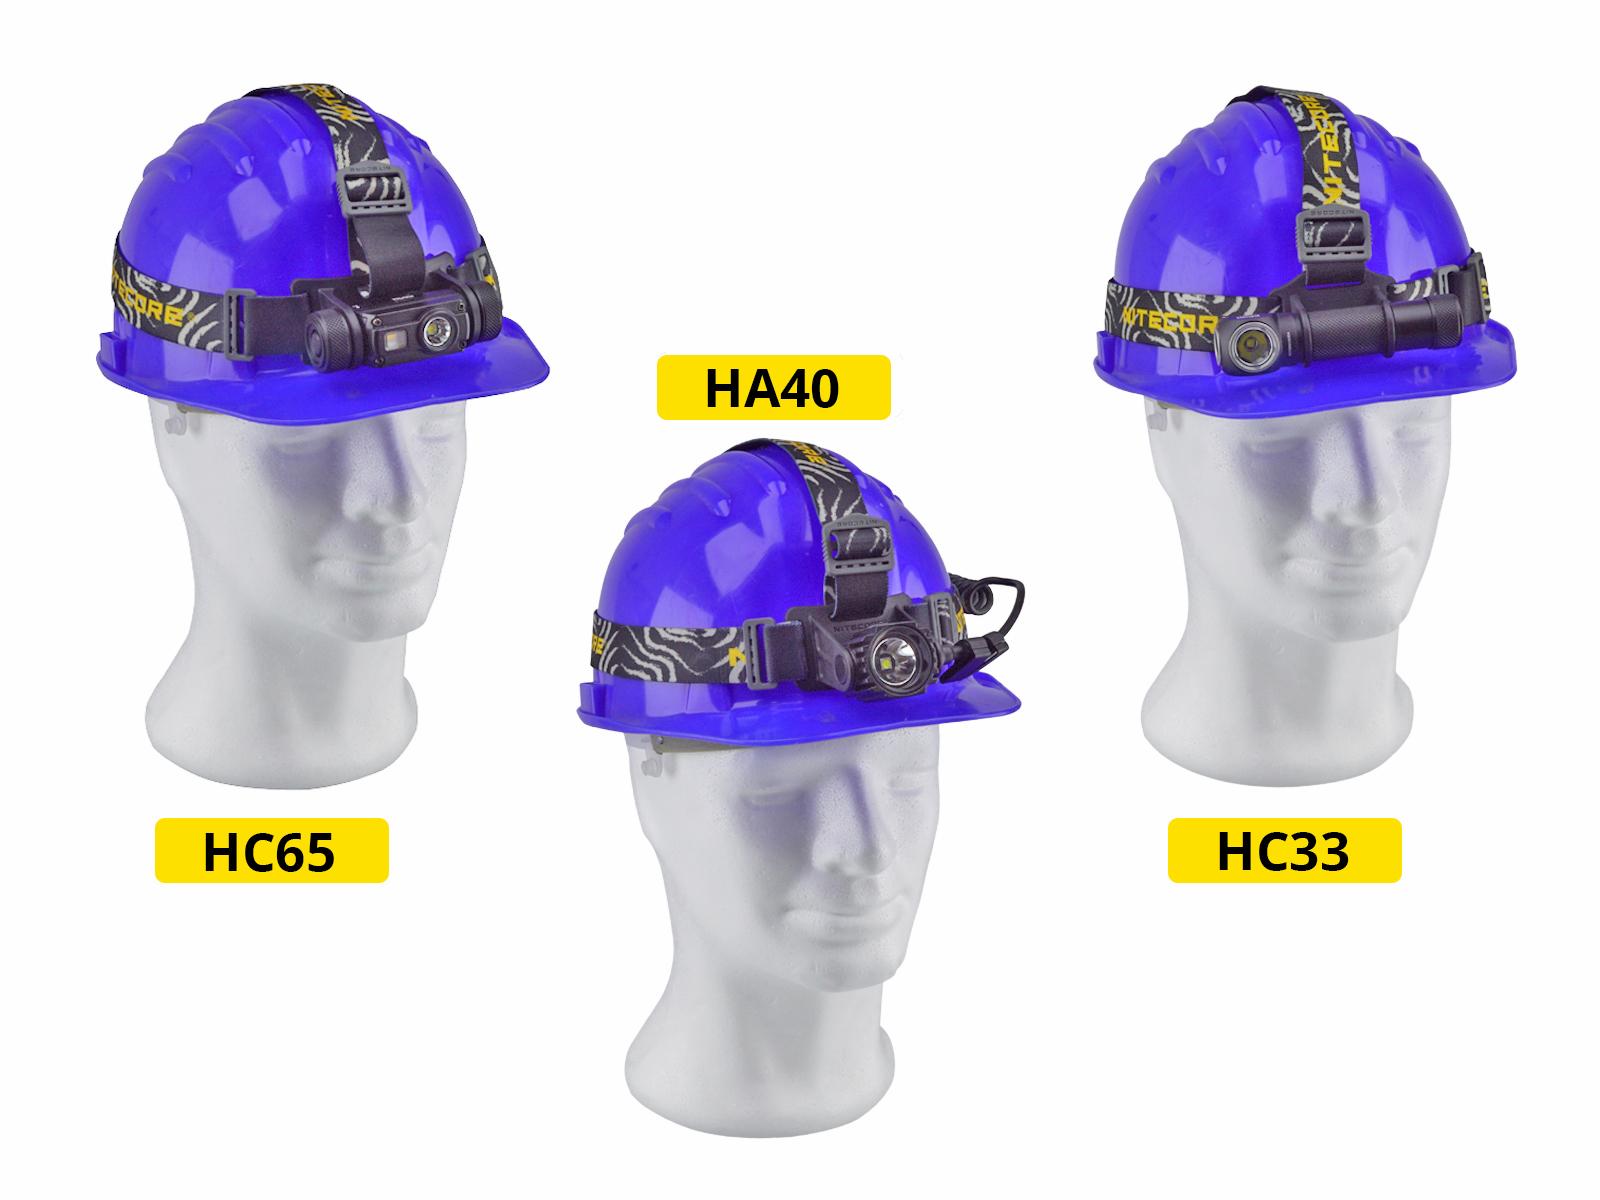 Nitecore HC65, Nitecore HA40, Nitecore HC33